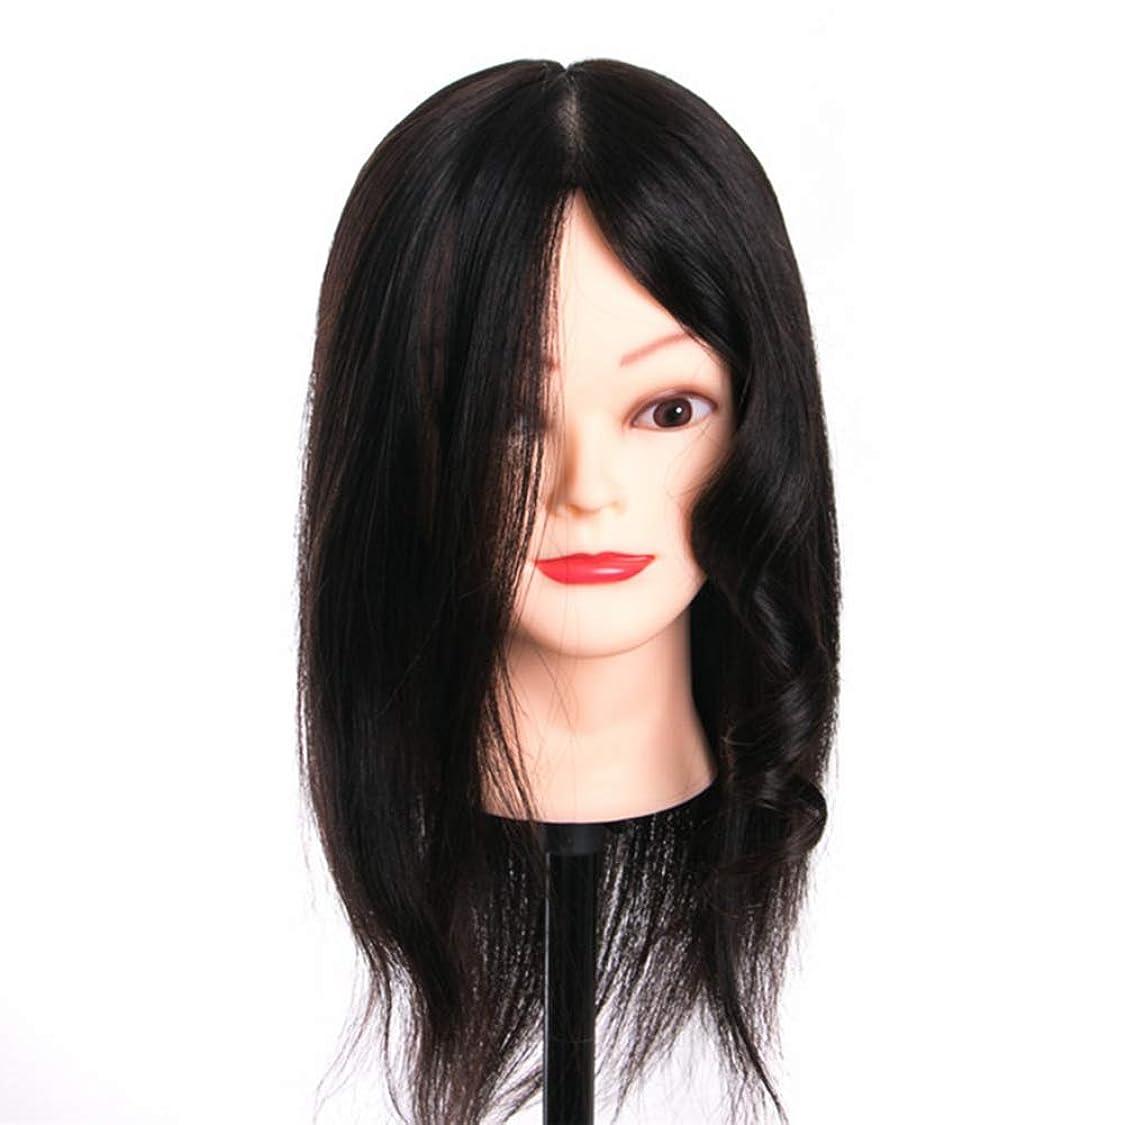 娘メナジェリー豪華なメイクディスクヘアスタイリング編み教育ダミーヘッドサロンエクササイズヘッド金型理髪ヘアカットトレーニングかつら3個